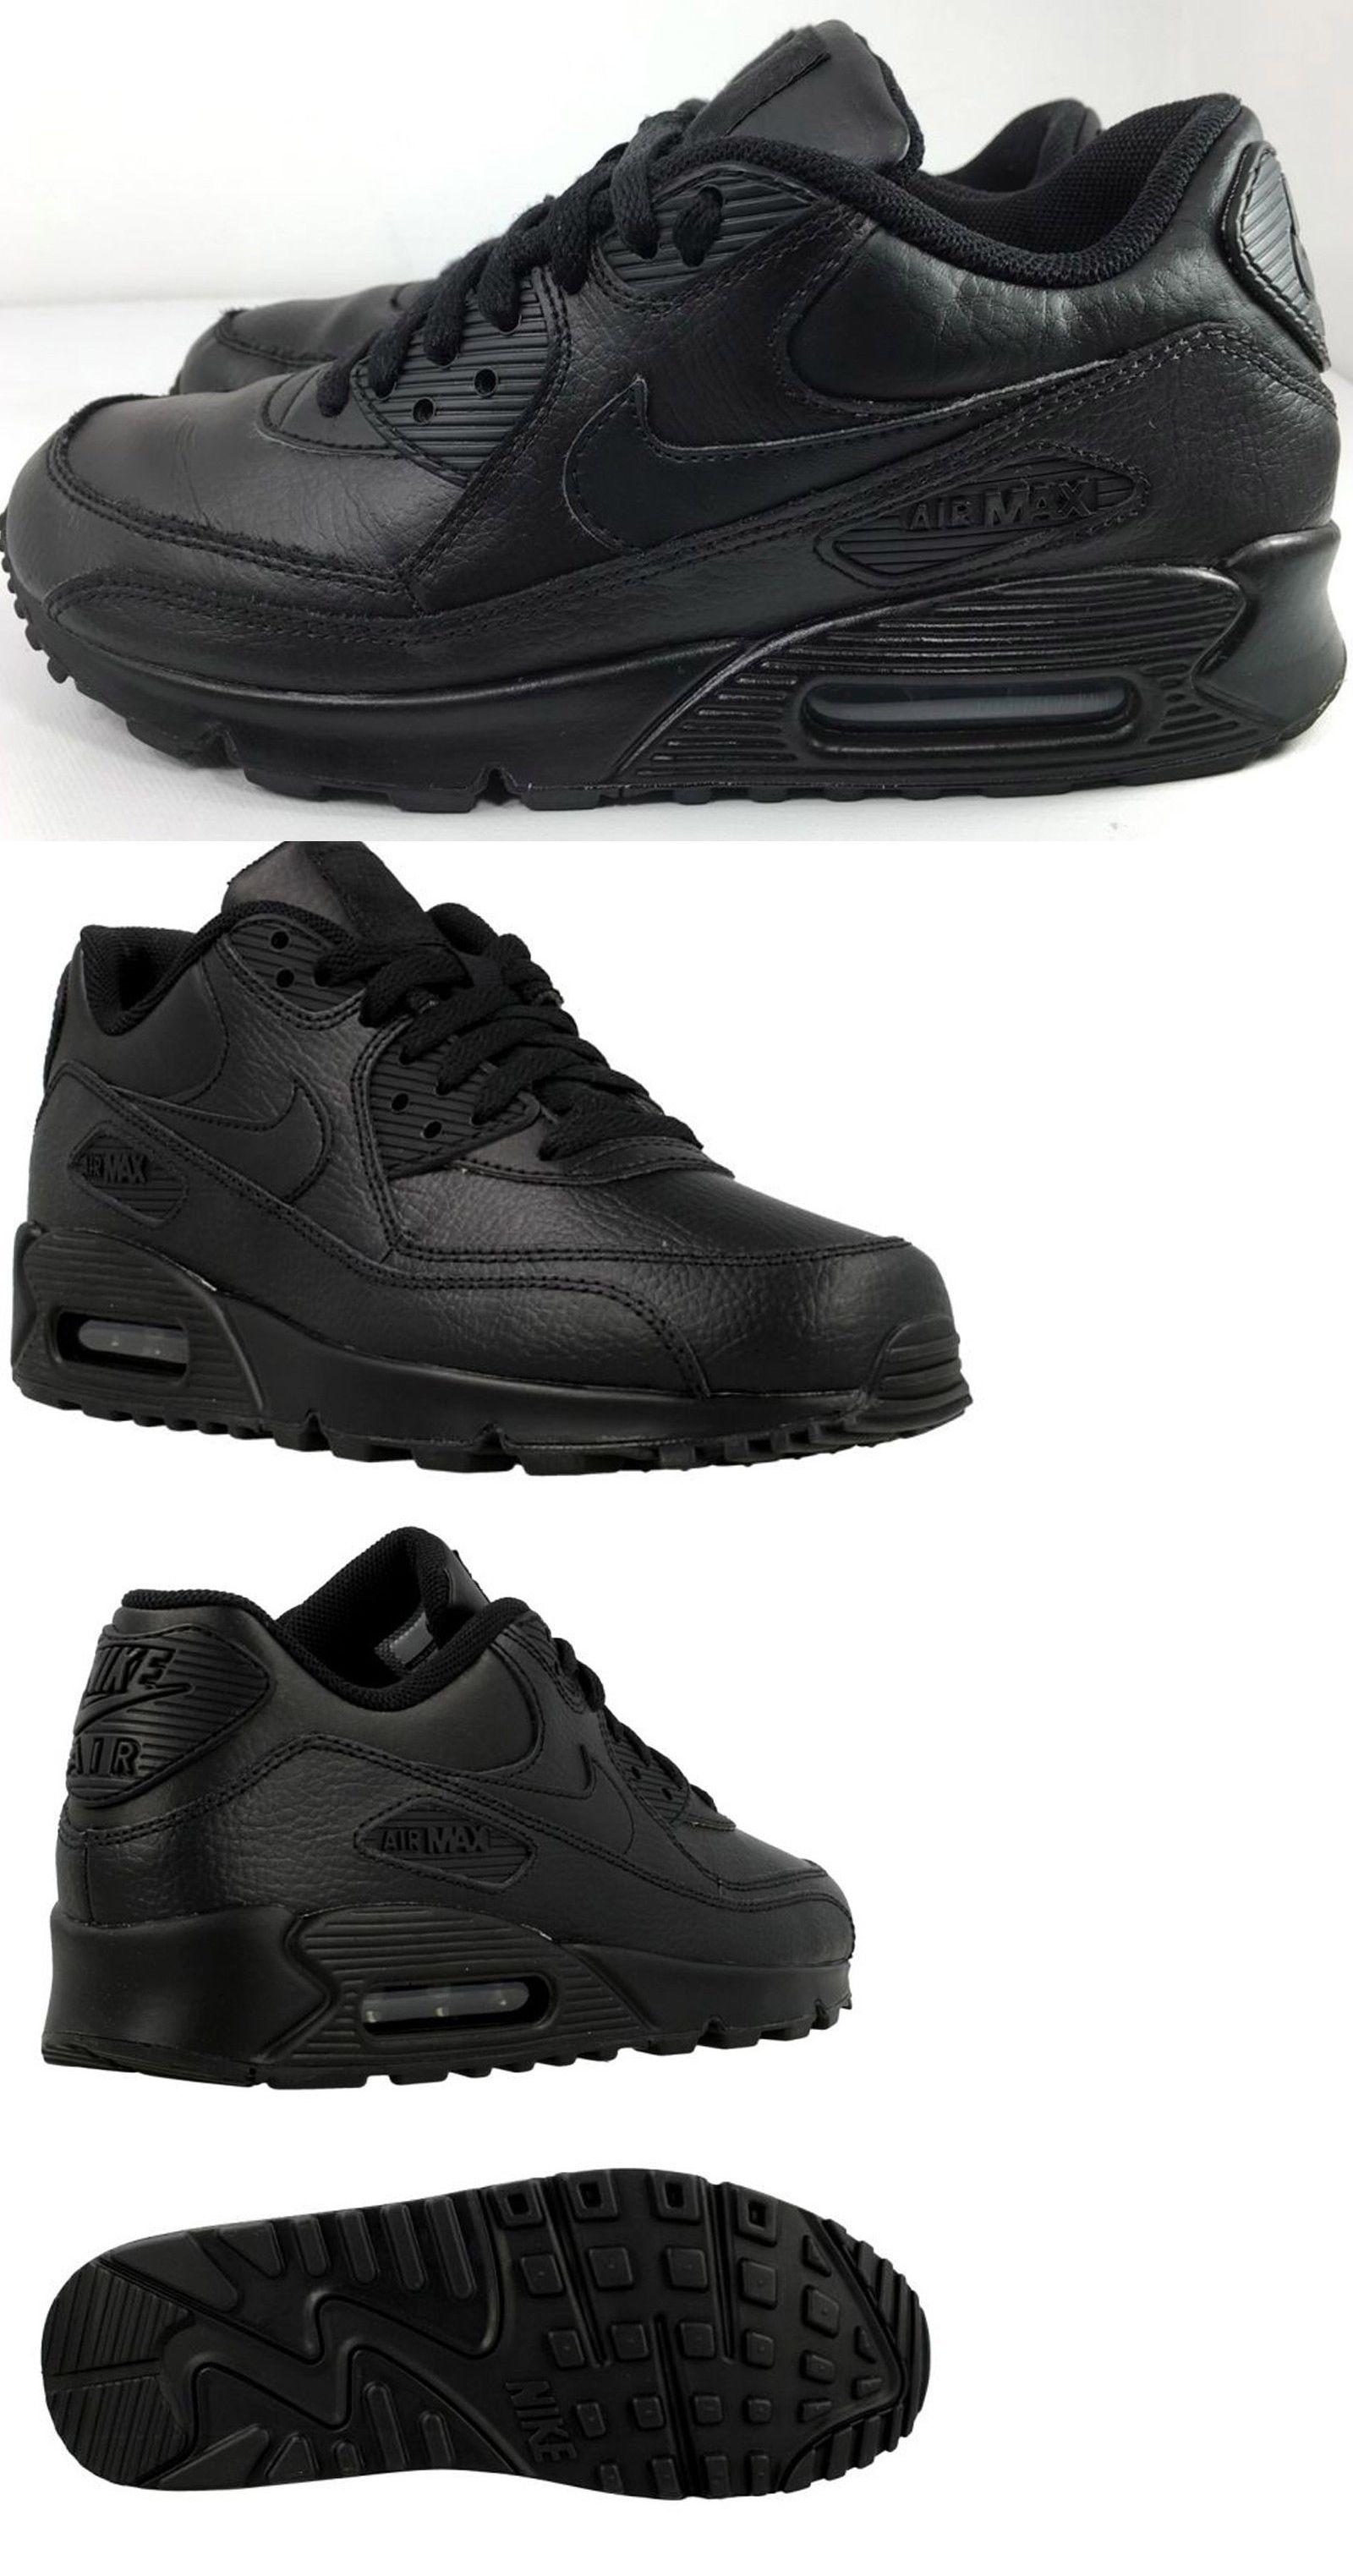 photos à vendre Nike Air Max 90 Cuir Noir D'achat Ebay sortie 2014 nouveau magasin d'usine Livraison gratuite Finishline Vente chaude v1LS5jBtQ